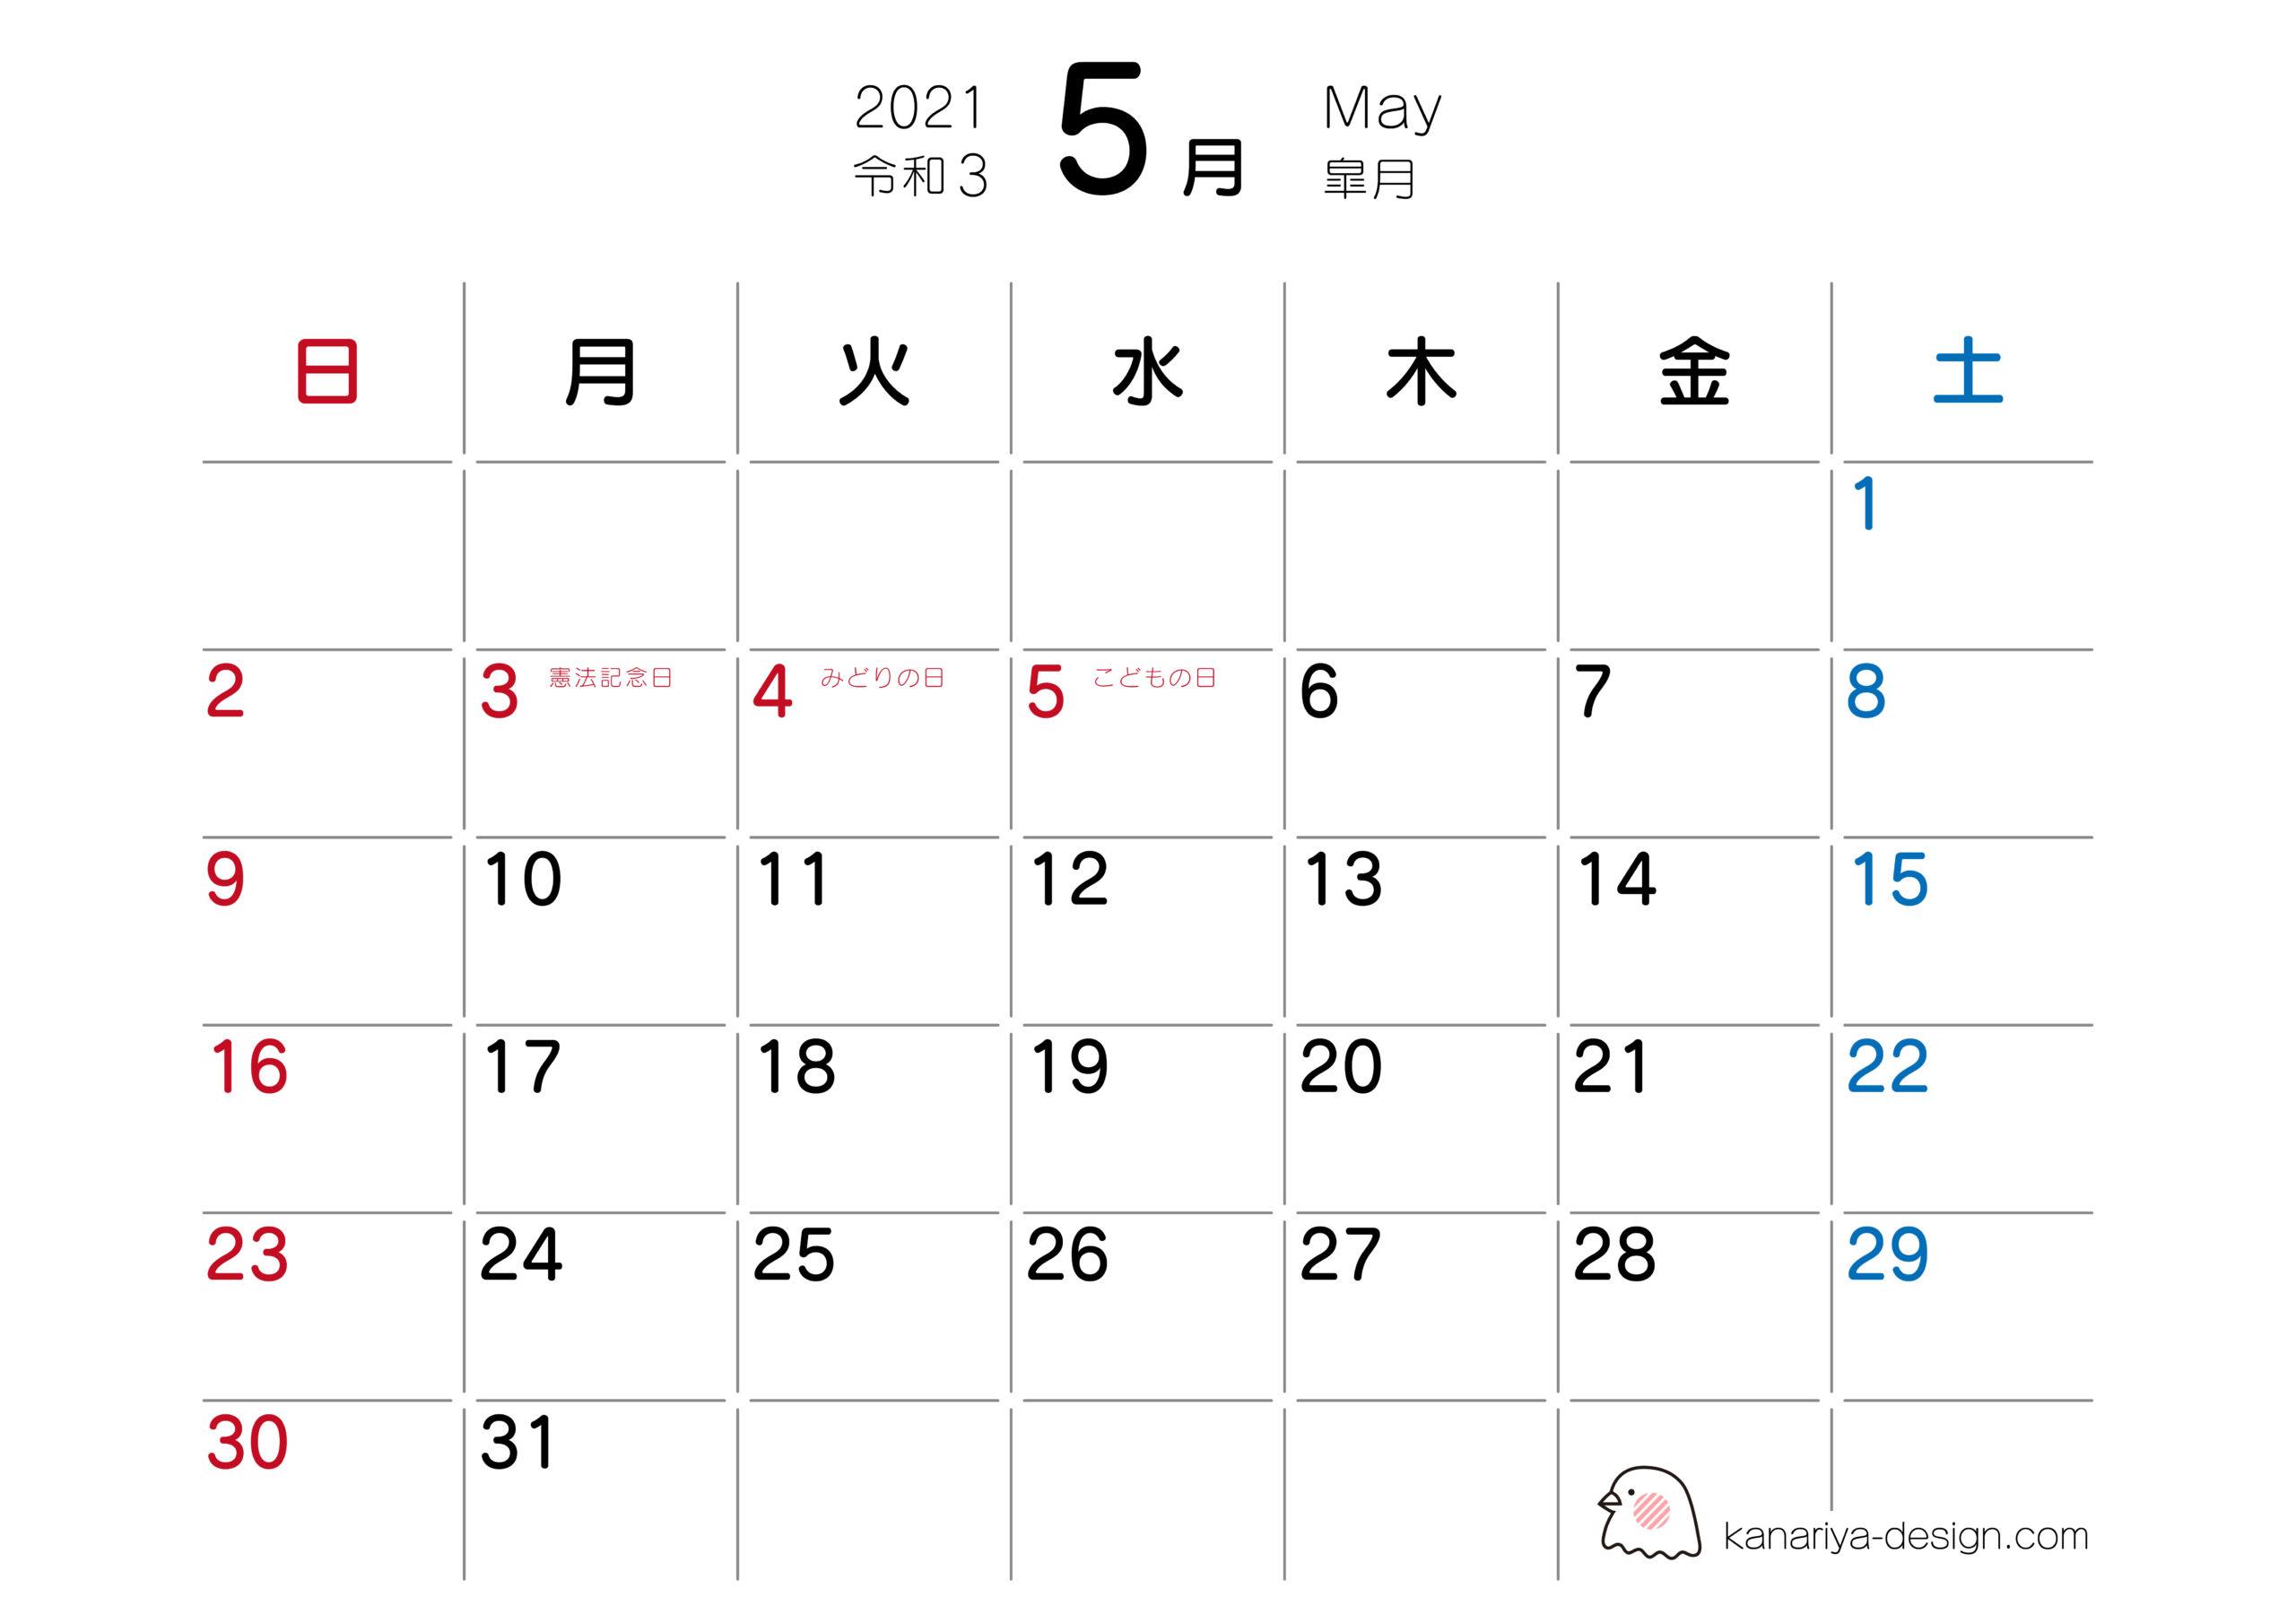 無料 カレンダー シンプル 2021 2021(2022)年 シンプル